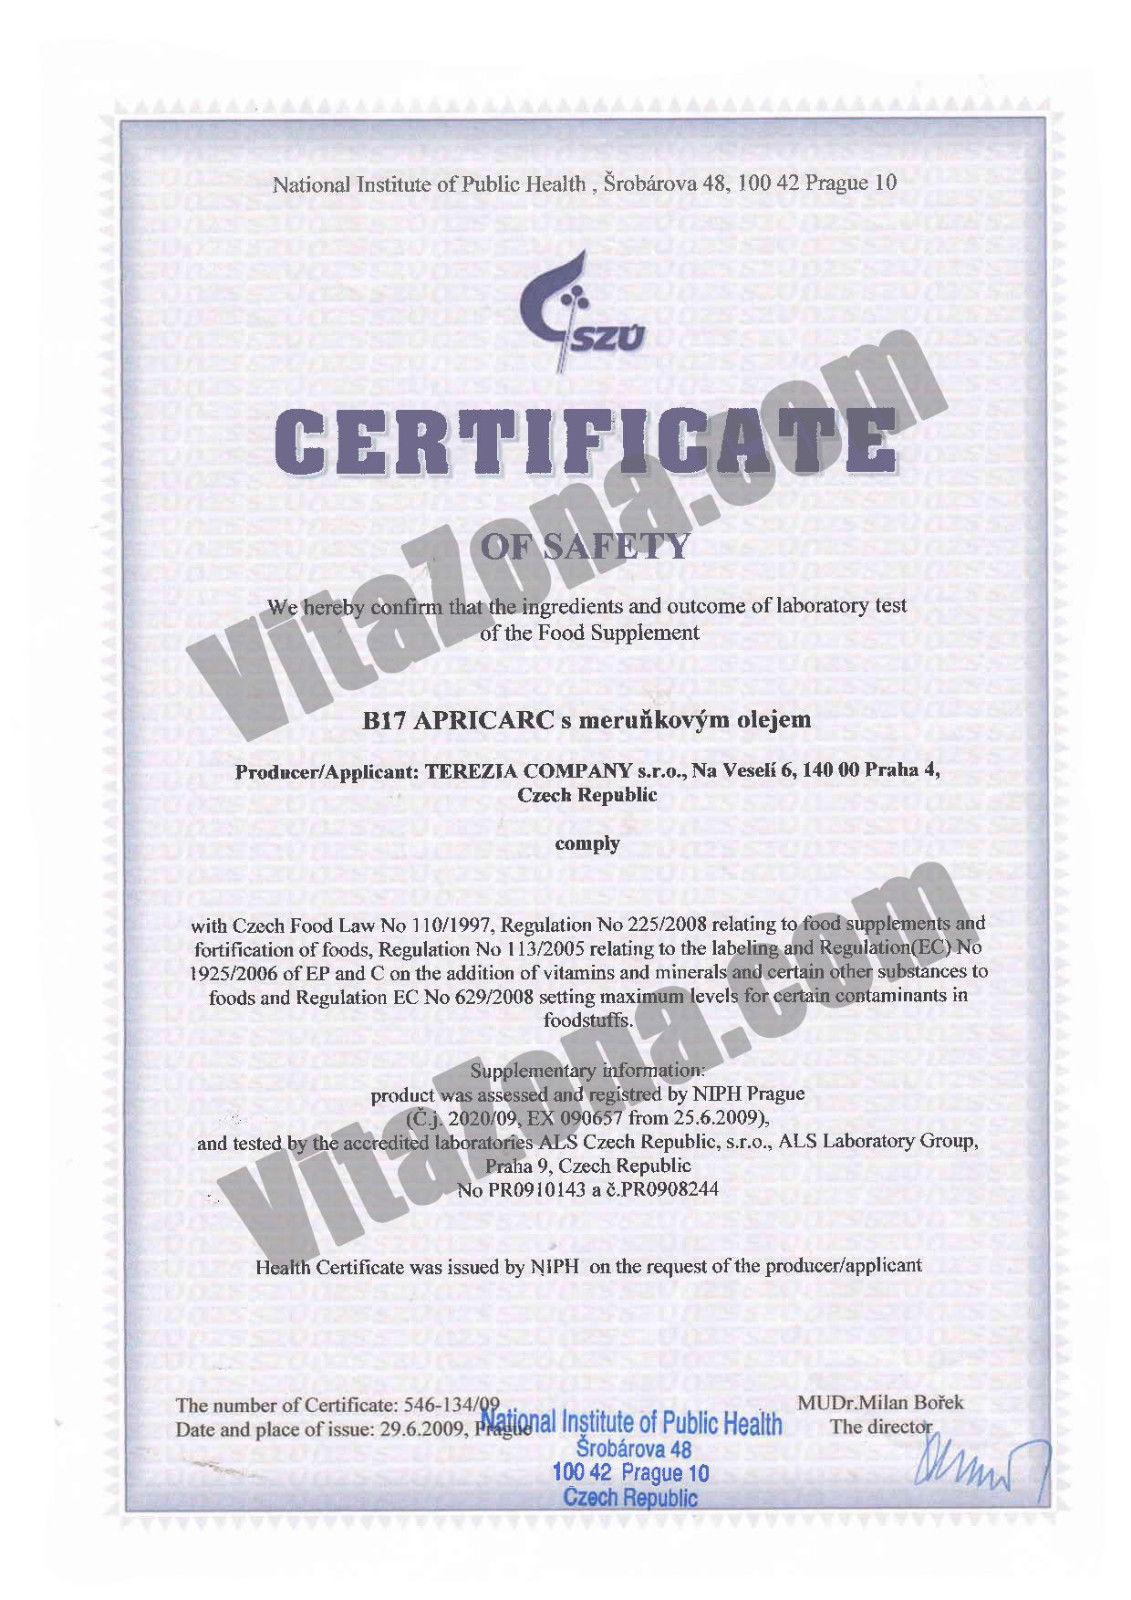 Витамин В17 Априкарк Сертификат